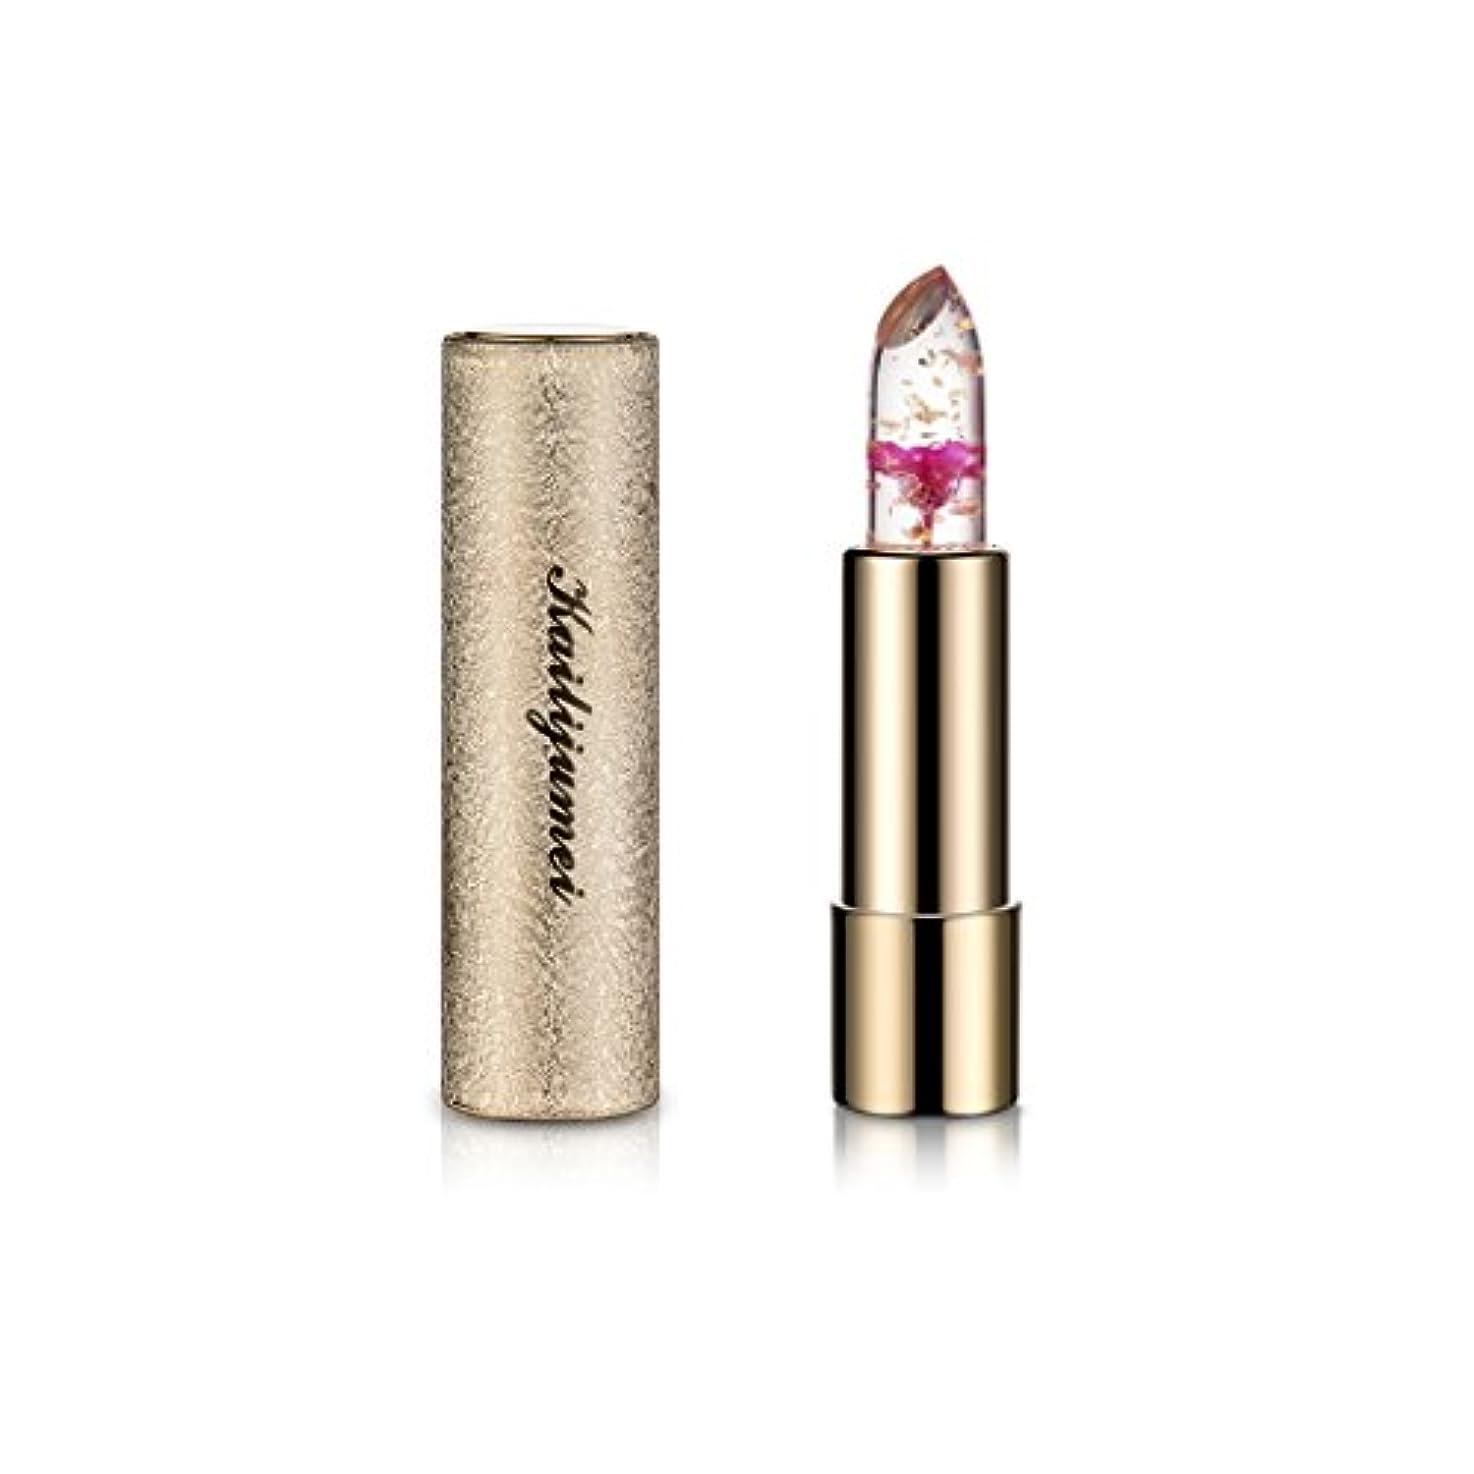 アスリート納得させるいらいらさせる日本限定モデル 新作 kailijumei magic color lip 日本正規品 マジックカラー 唇の温度で色が変化するリップ 口紅 リップバーム カイリジュメイ ドライフラワー お花 (FLAME RED(レッド))